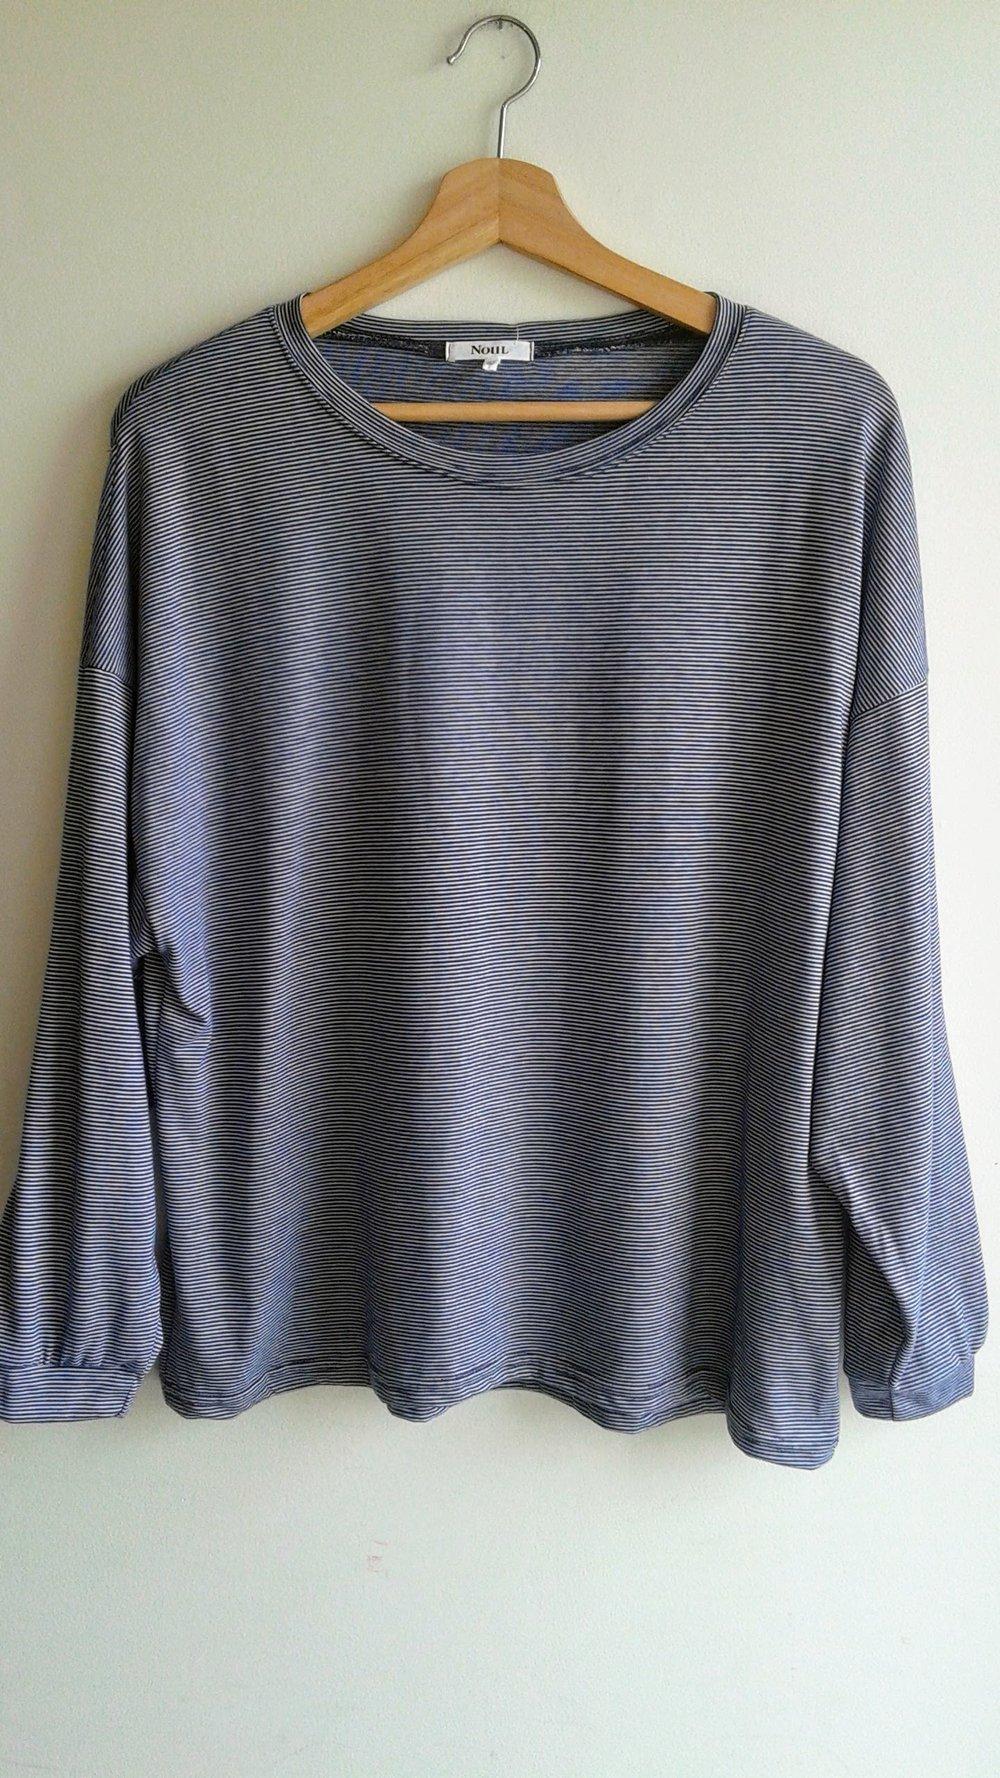 Noul top; Size M, $26